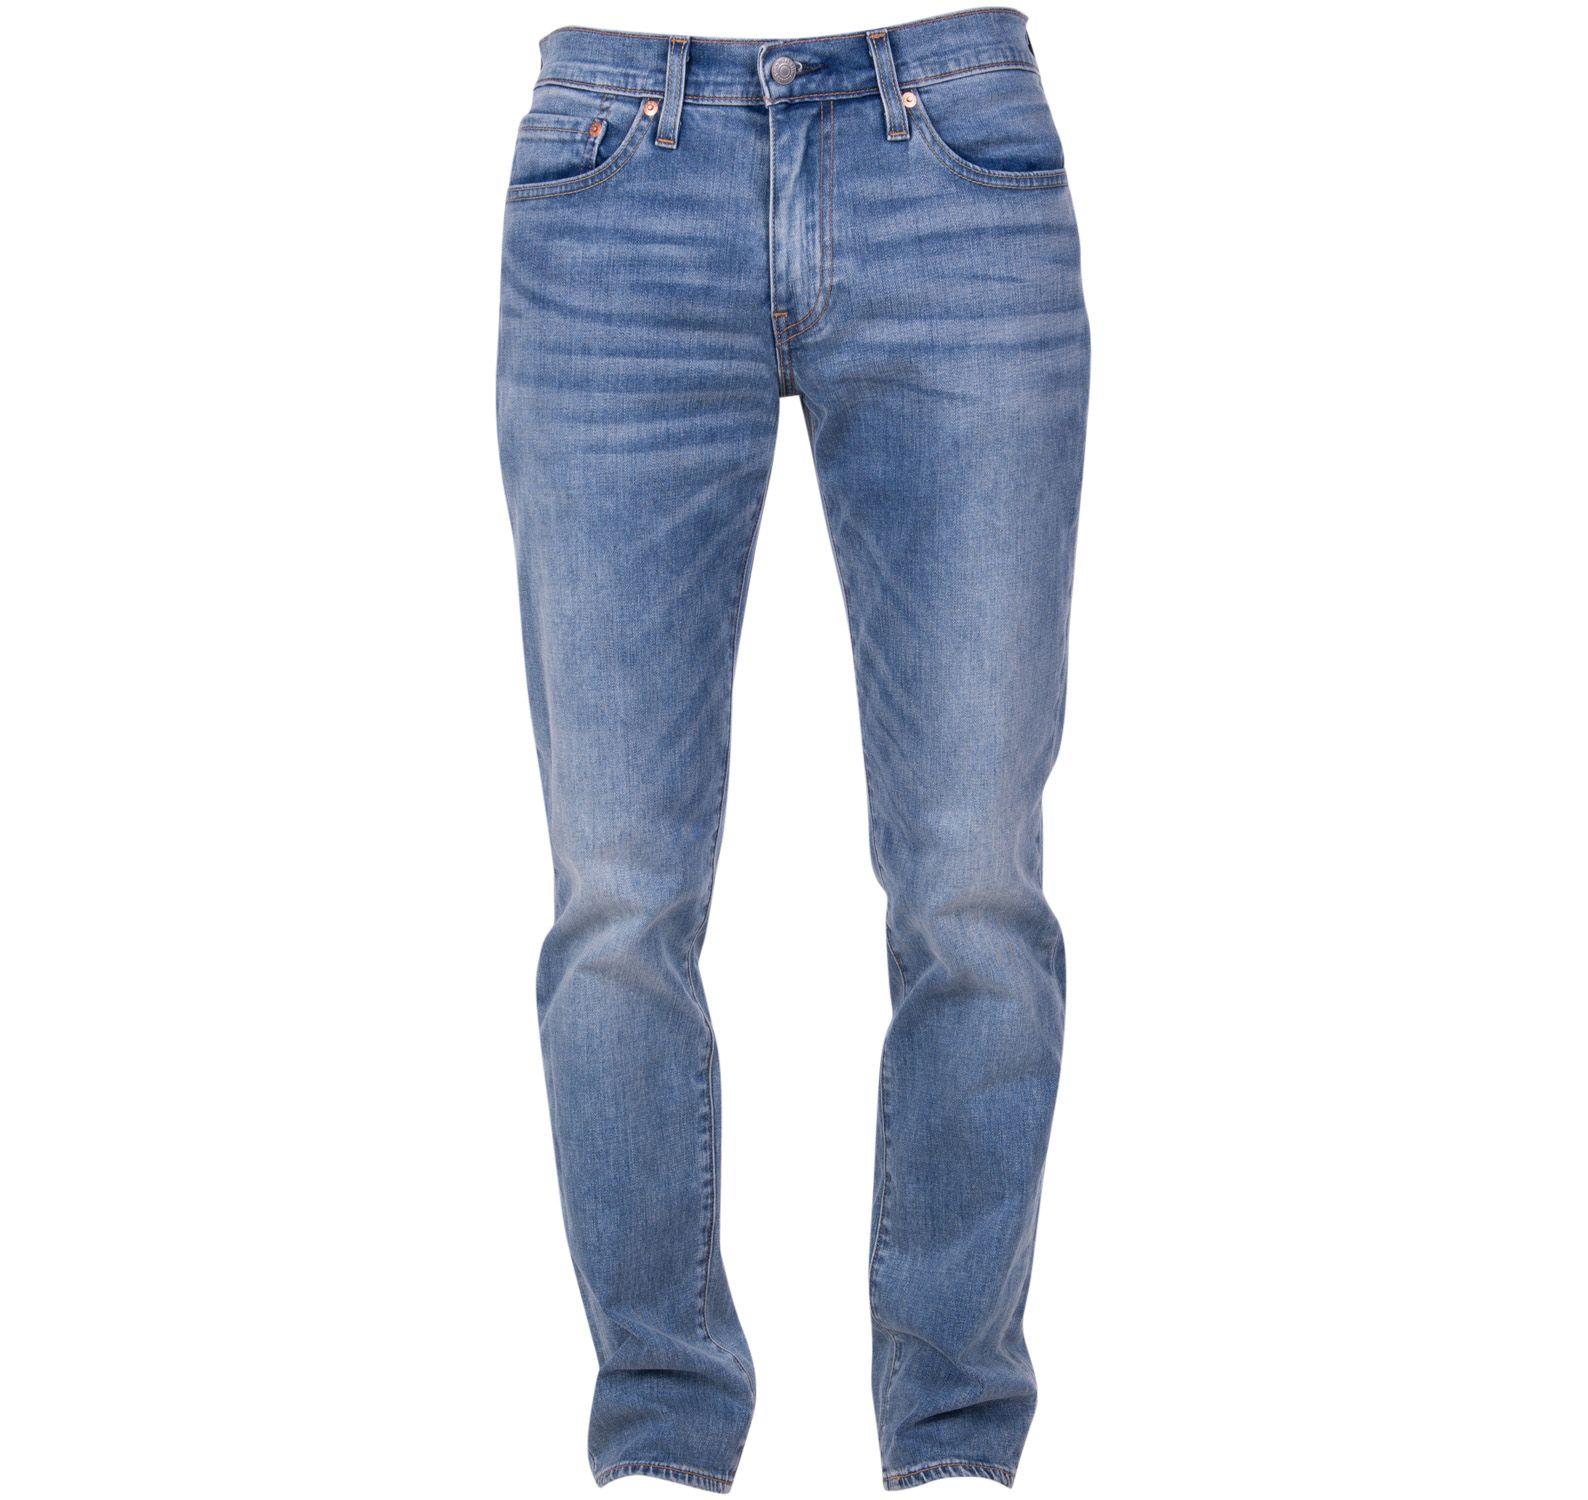 511 slim fit aegean adapt, med indigo - worn in, 33/32,  levi's jeans